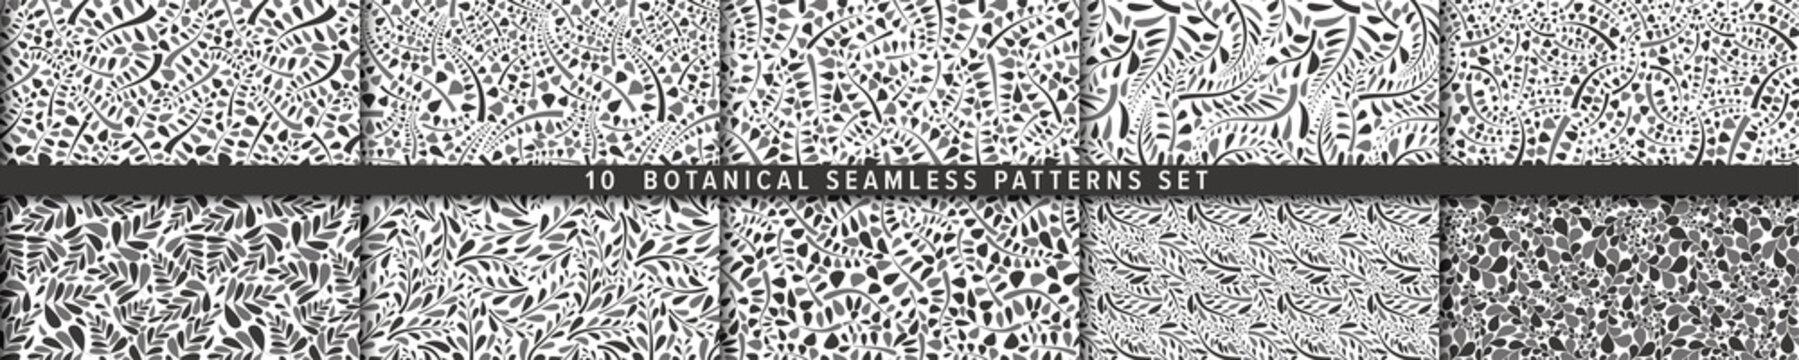 Seamless vector pattern set.  Botanical motif, organic motif background. 有機的背景のベクターパターンセット